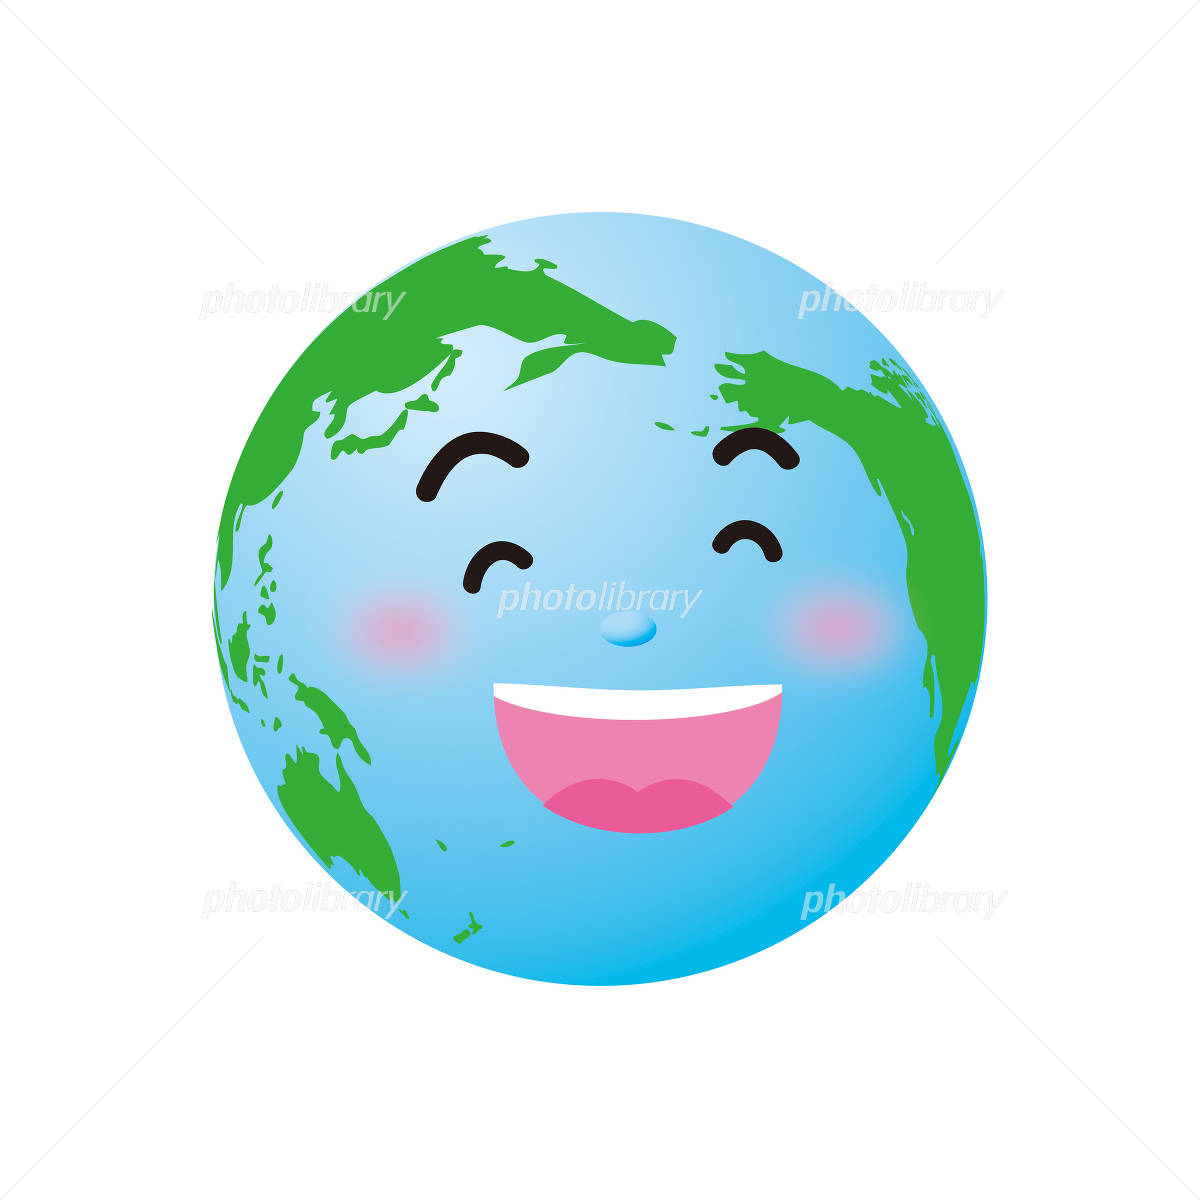 笑う地球のイラスト イラスト素材 929163 フォトライブラリー